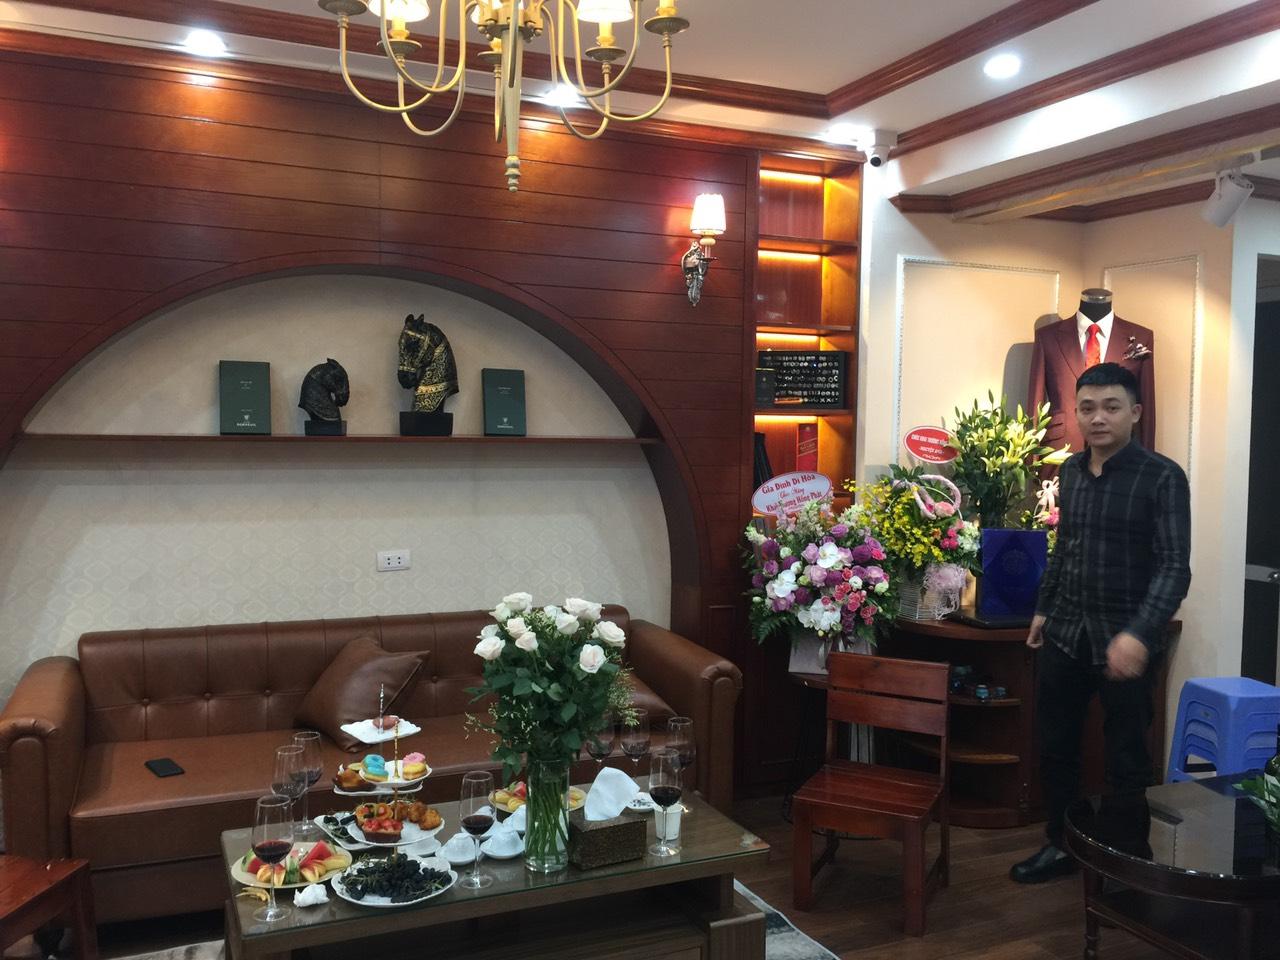 Thiet ke thi cong noi that chuoi nha may Ngo Minh Tailor so 8 Ma May 1